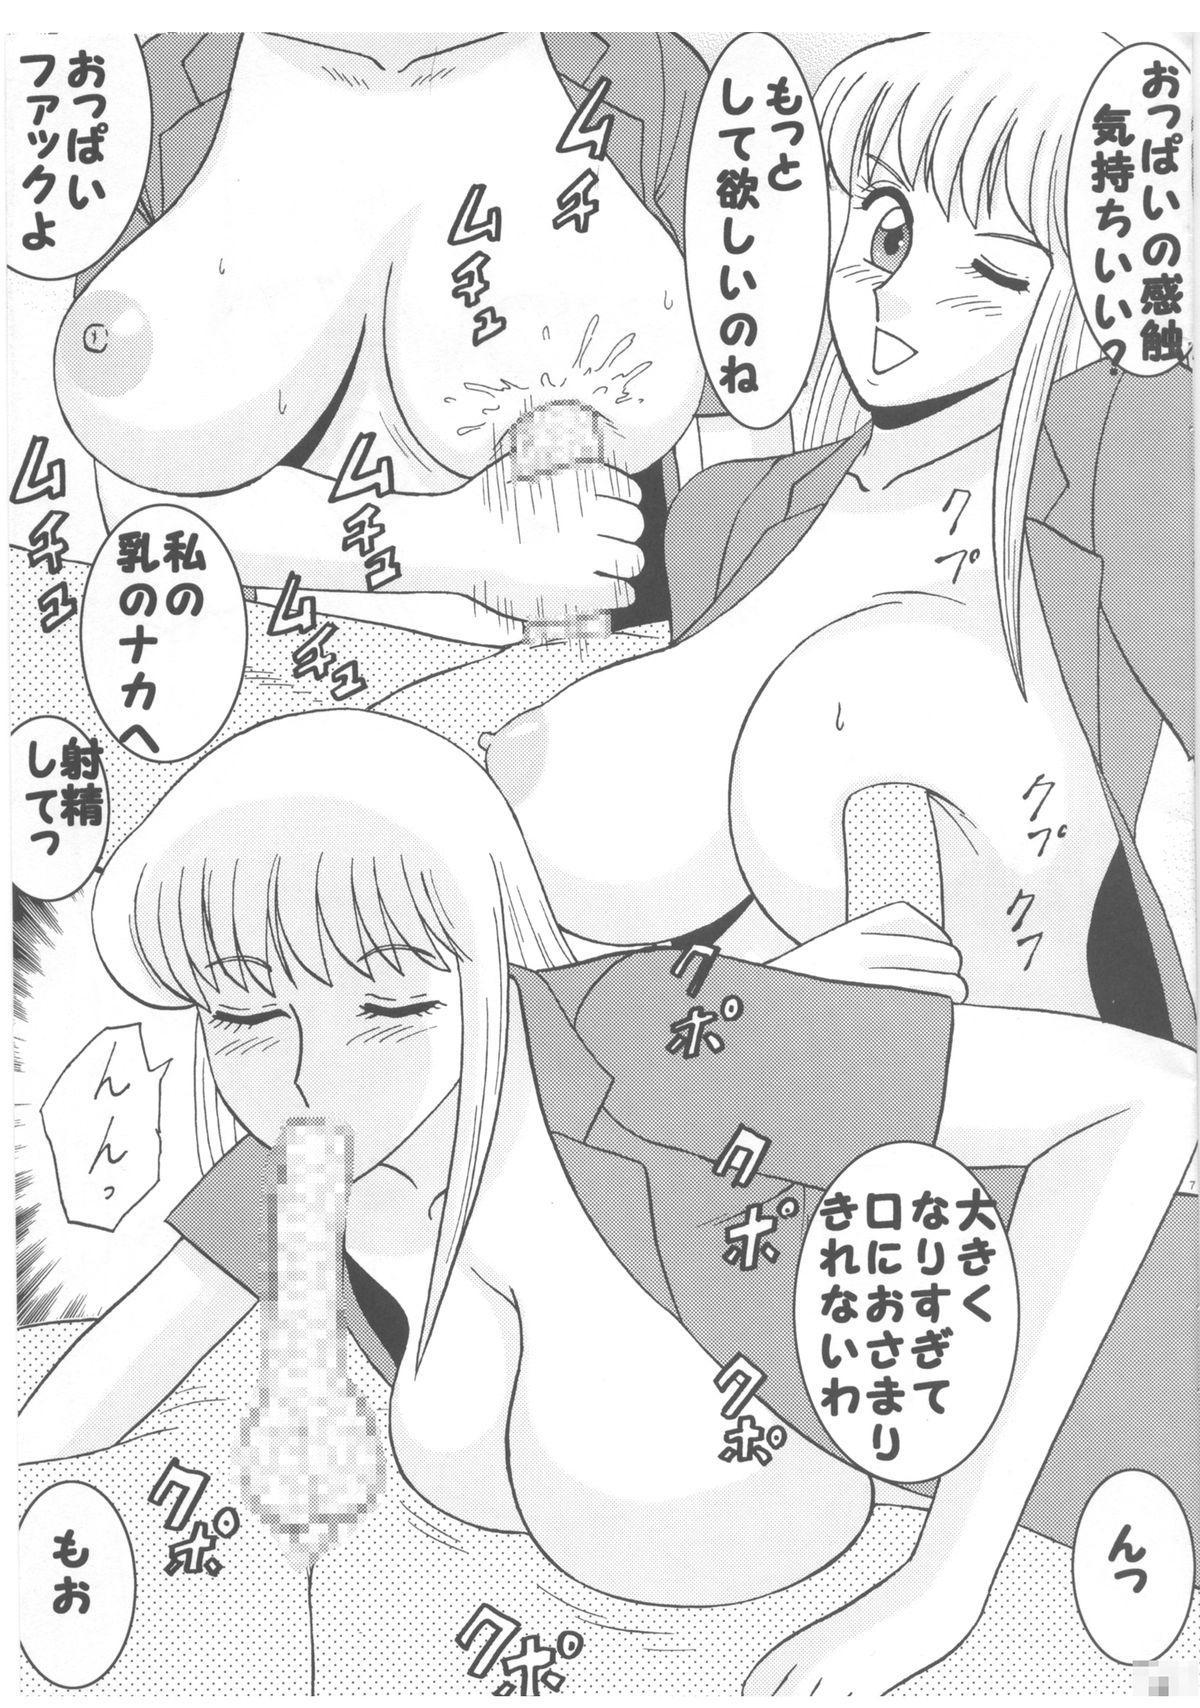 Sexy Police Woman Tokubetsu Henshuuhan 68